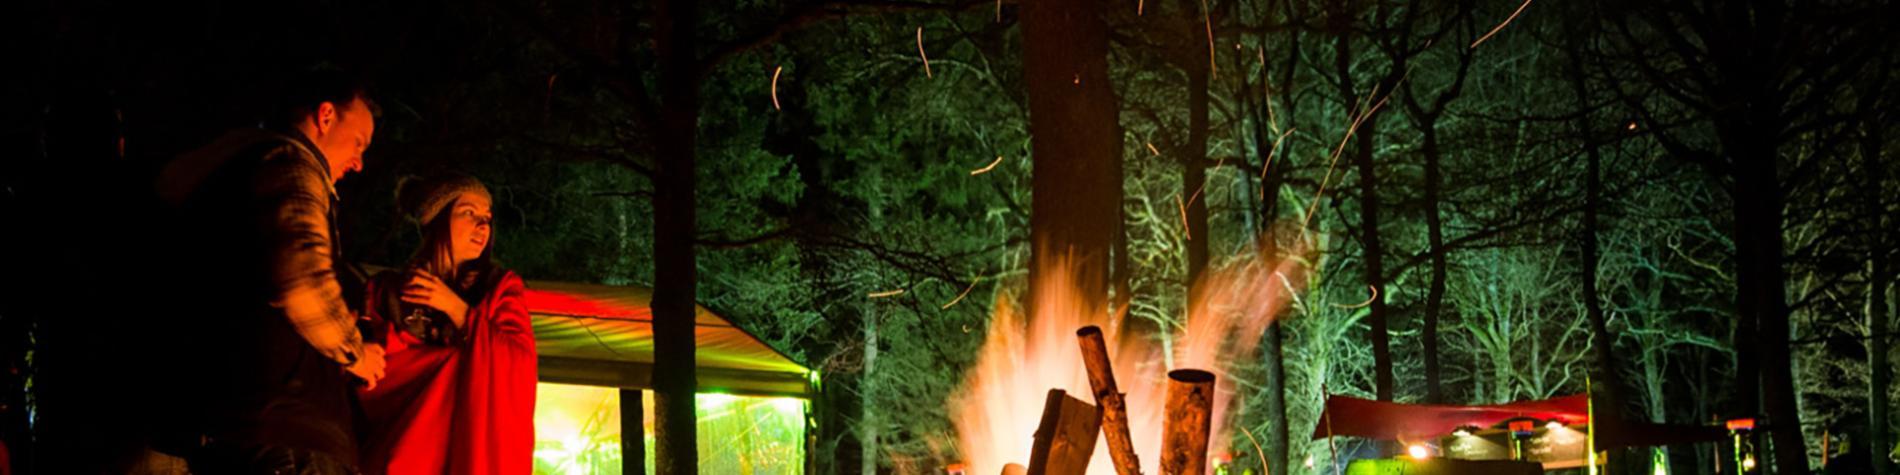 Coo Adventure - Centre d'activités - outdoor - Ardenne